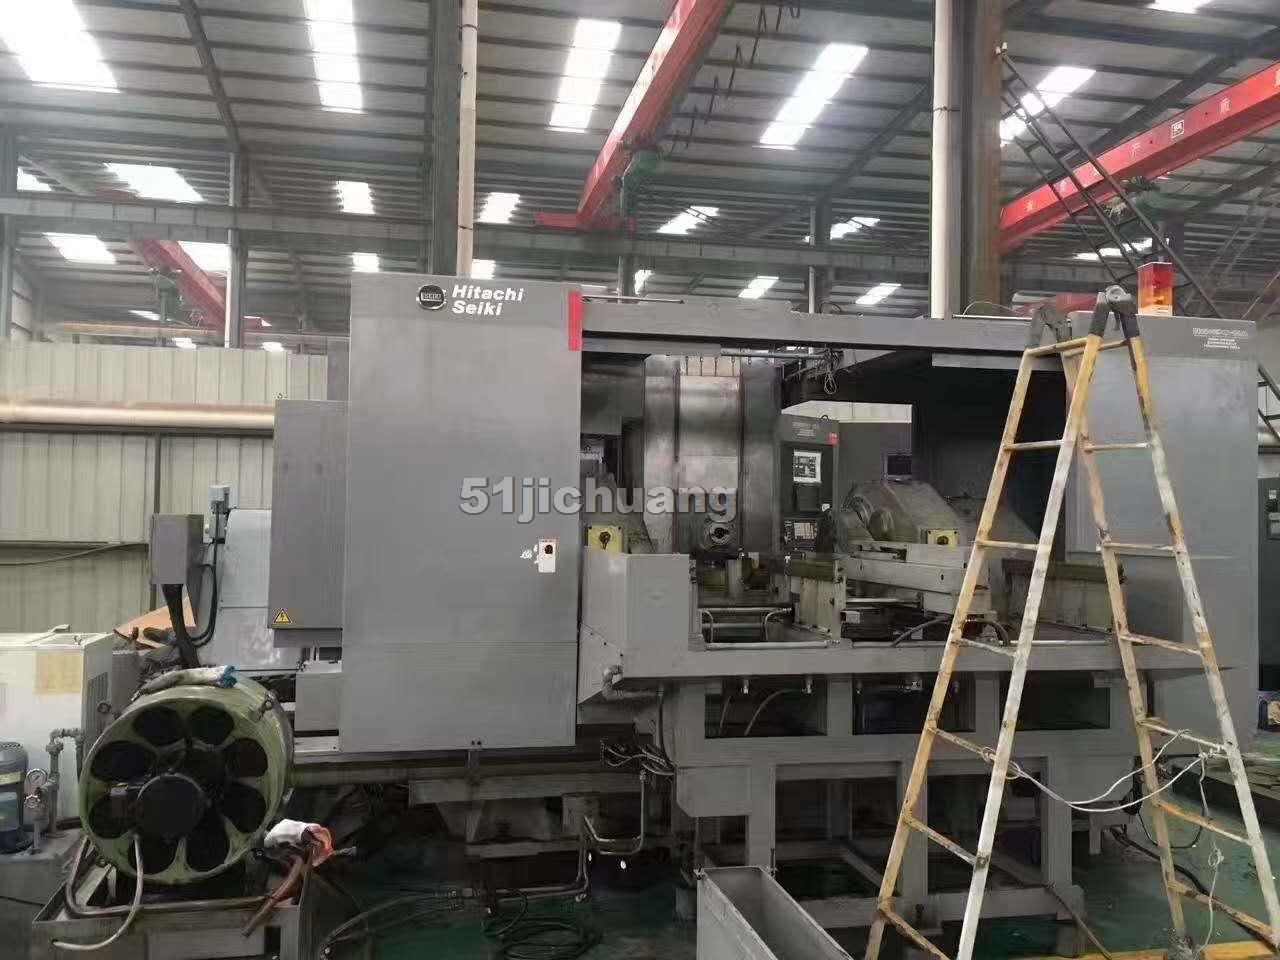 【出售】日本日立HG630铣床 五轴加工中心八成新